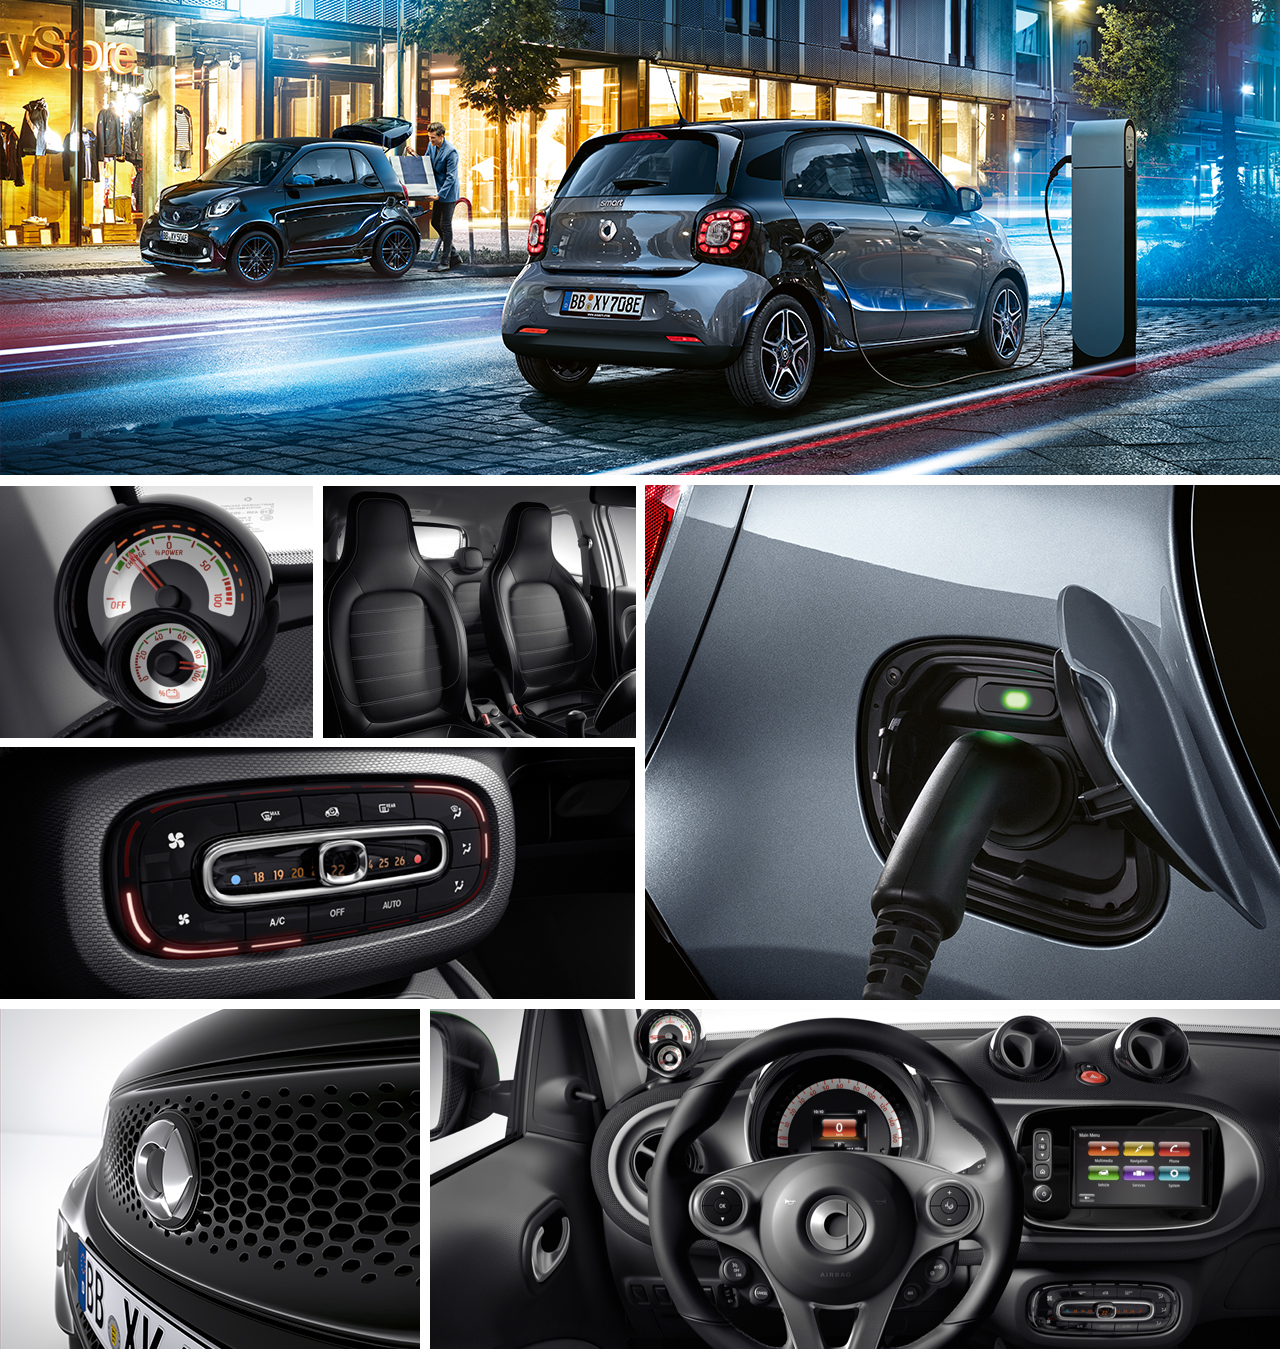 smart eq electric cars smart car smart united kingdom. Black Bedroom Furniture Sets. Home Design Ideas